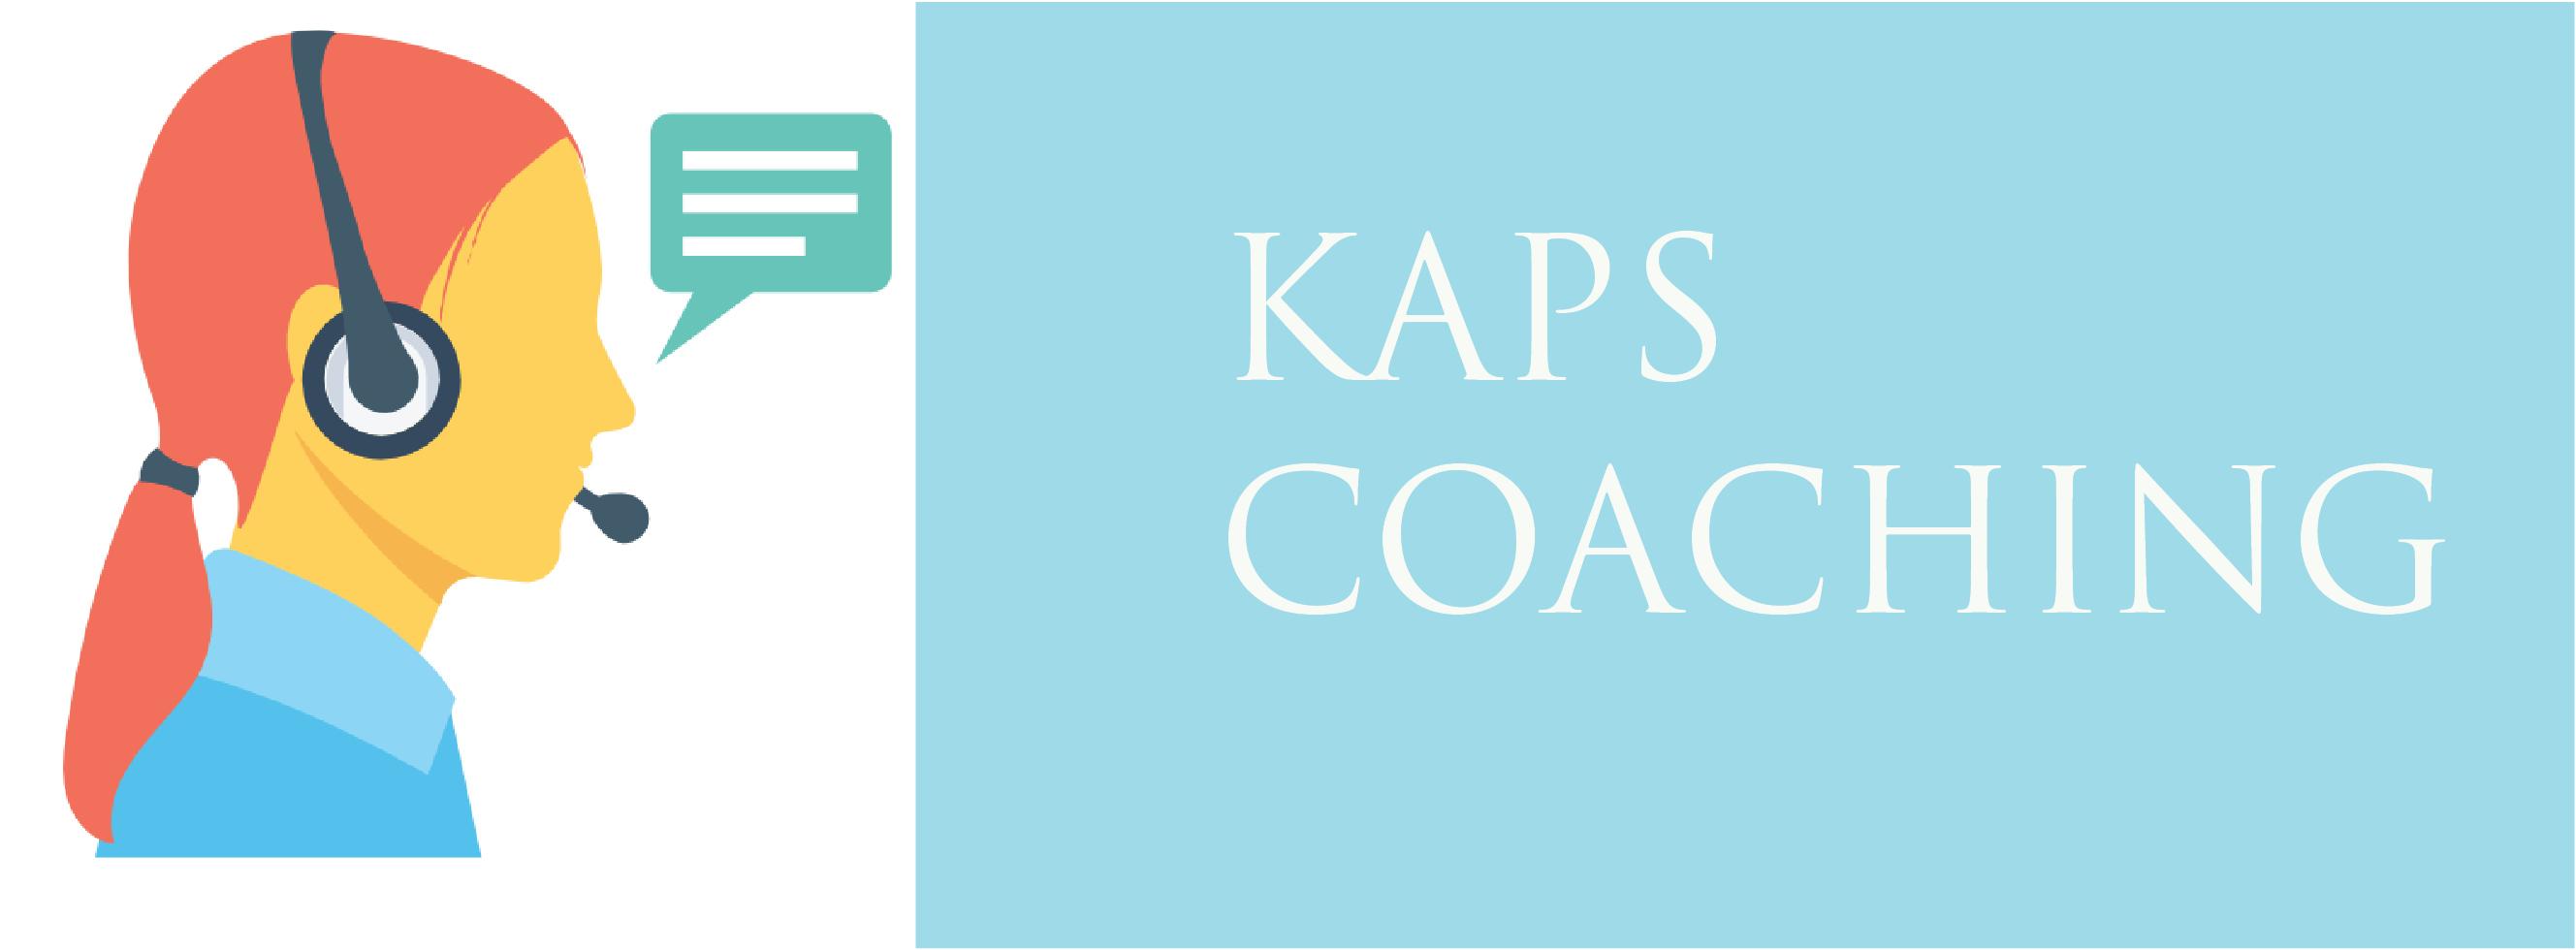 SKYPE TRAINING FOR KAPS EXAM